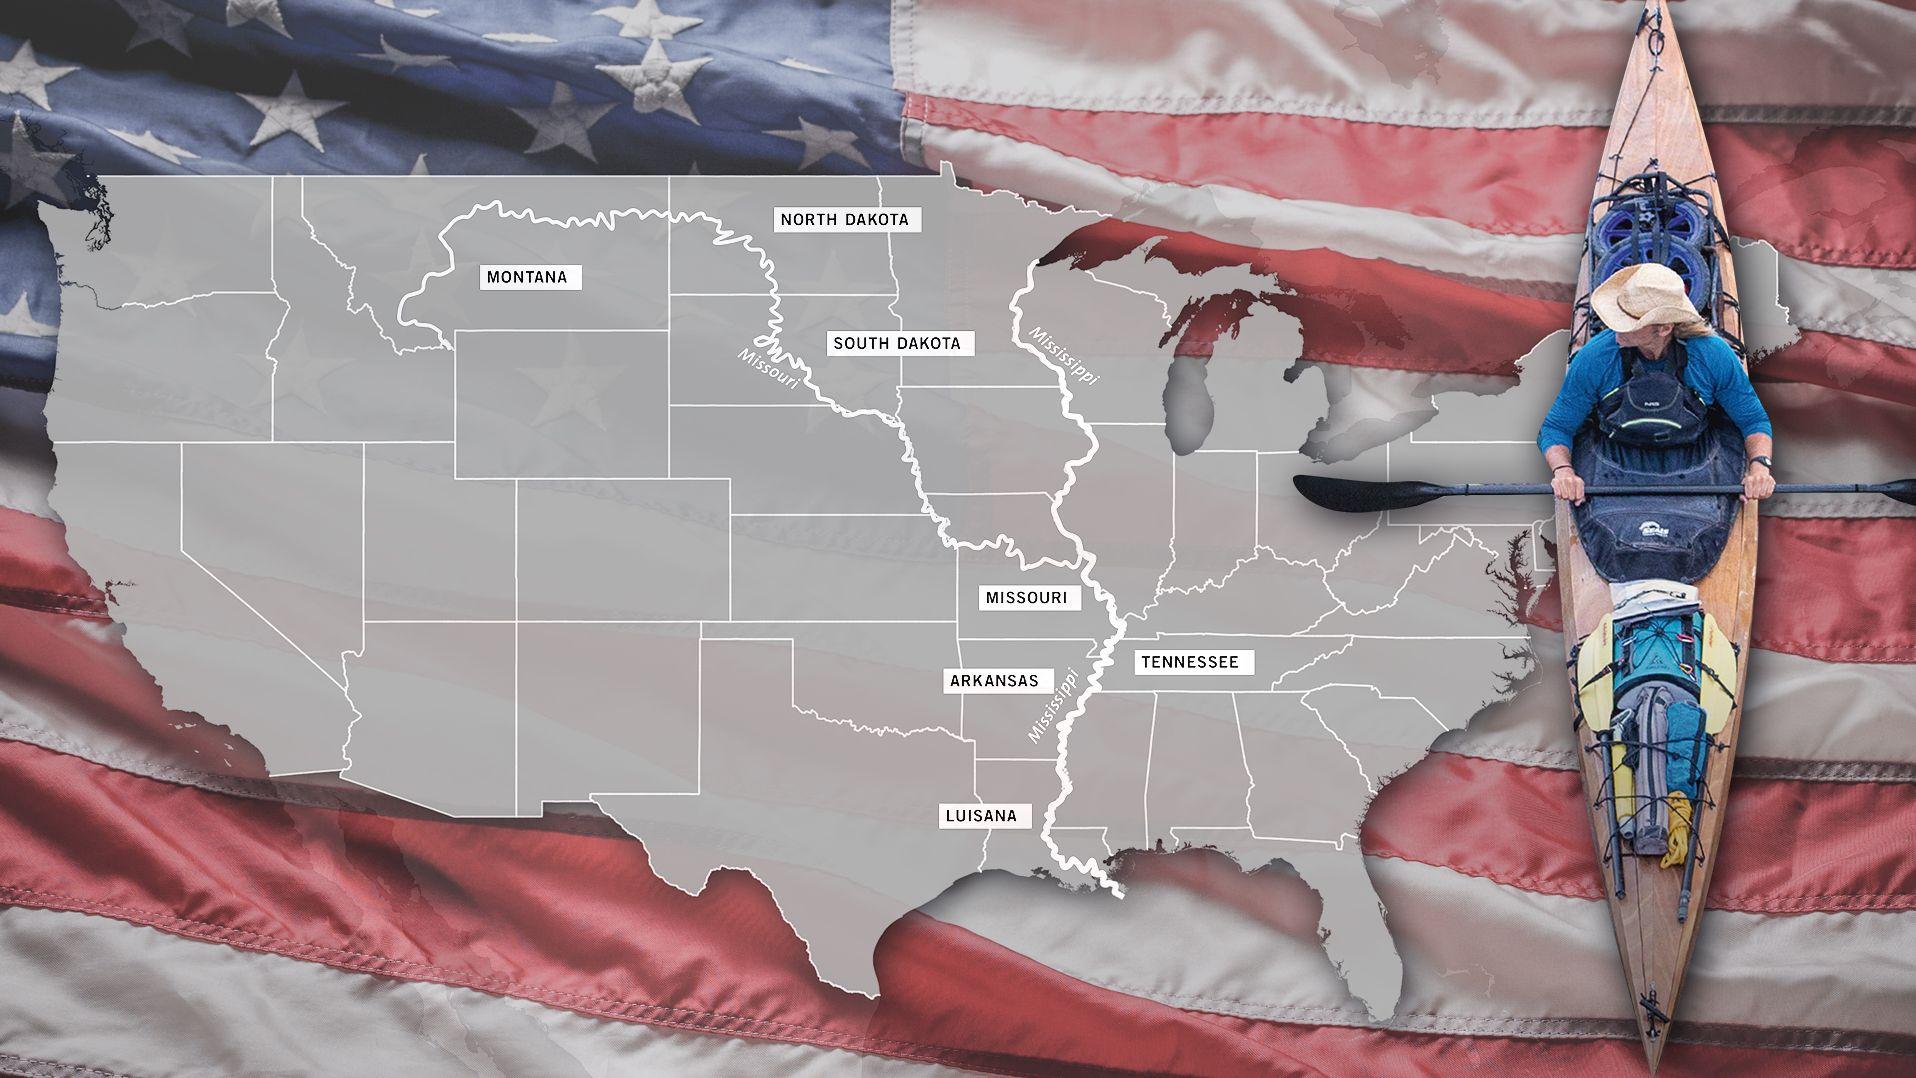 Eine Karte der USA und ein Kanufahrer, dahinter ist eine US-Flagge montiert